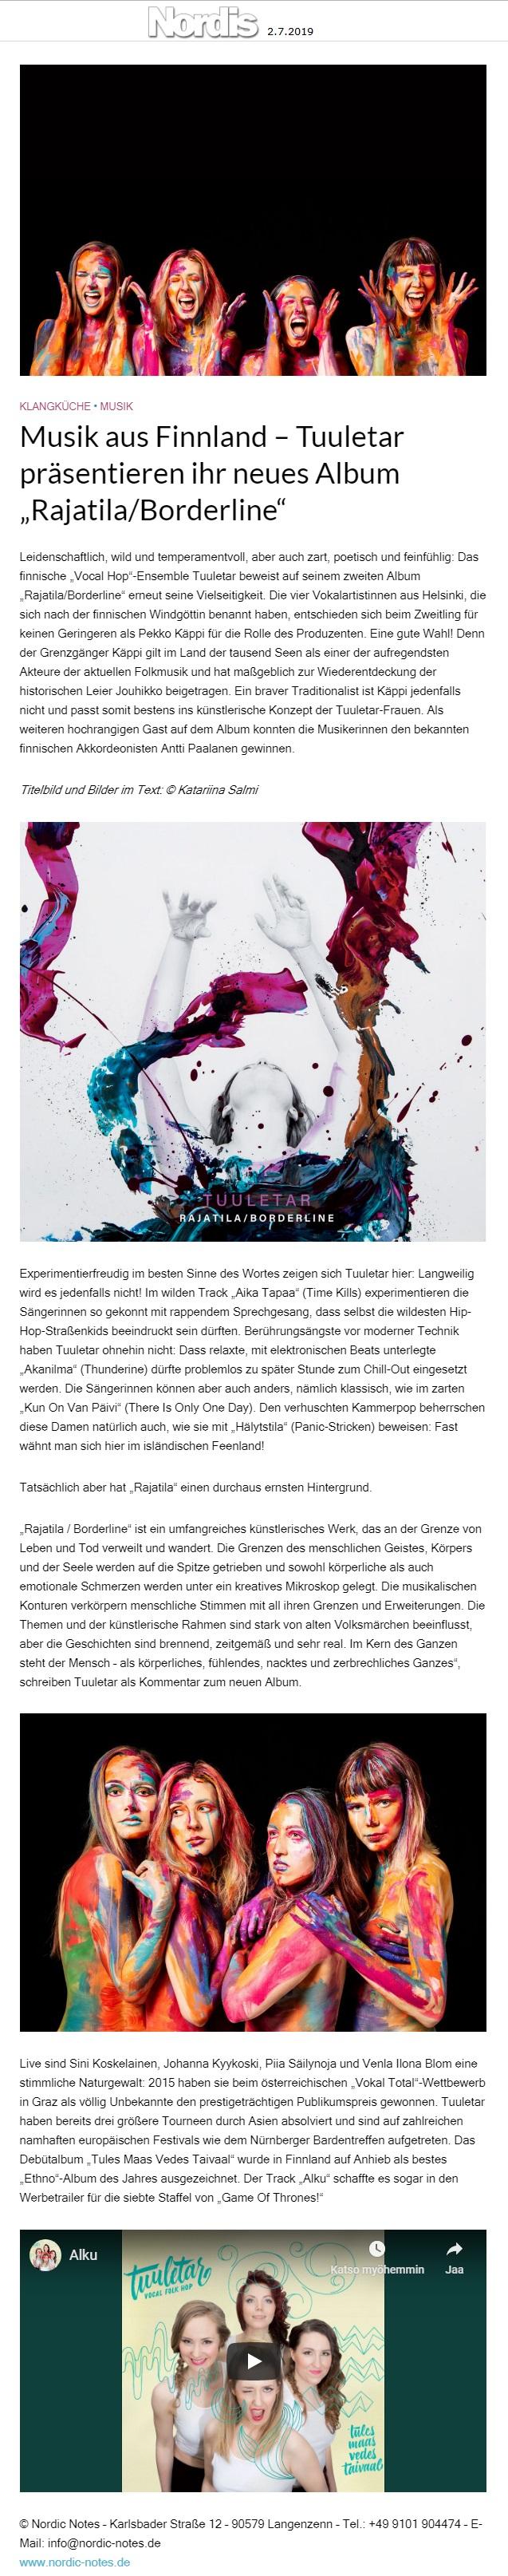 Nordis (Germany), 2.7.2019